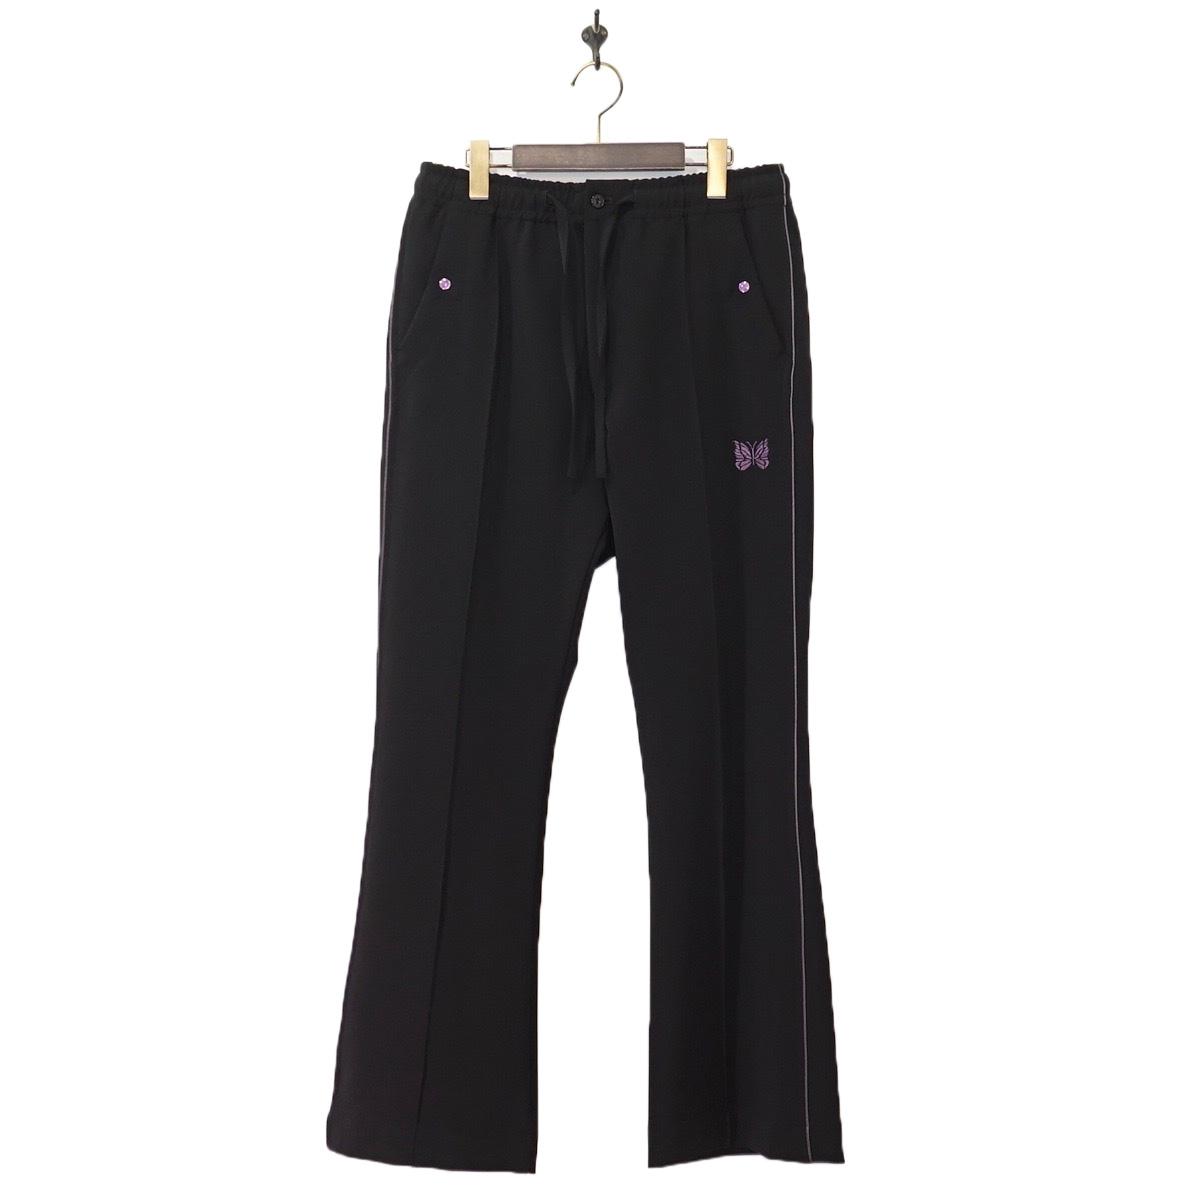 NEEDLES(ニードルズ) | Piping Cowboy Pant - Pe/Pu DOUBLE CLOTH (パイピングカウボーイパンツ) - Black